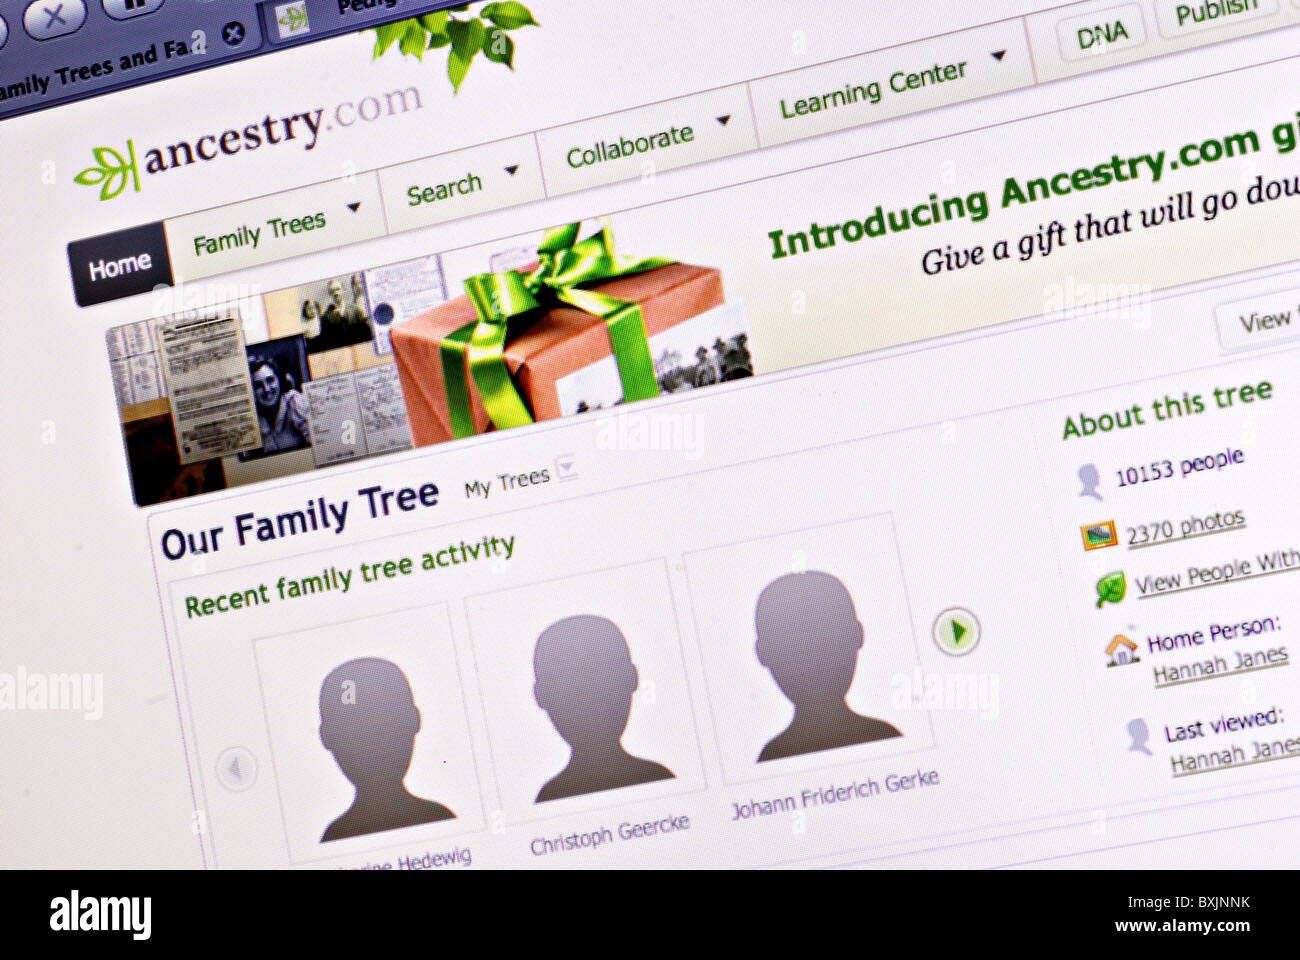 Arbre généalogique famille et généalogie informations sur Ancestry.com Photo Stock